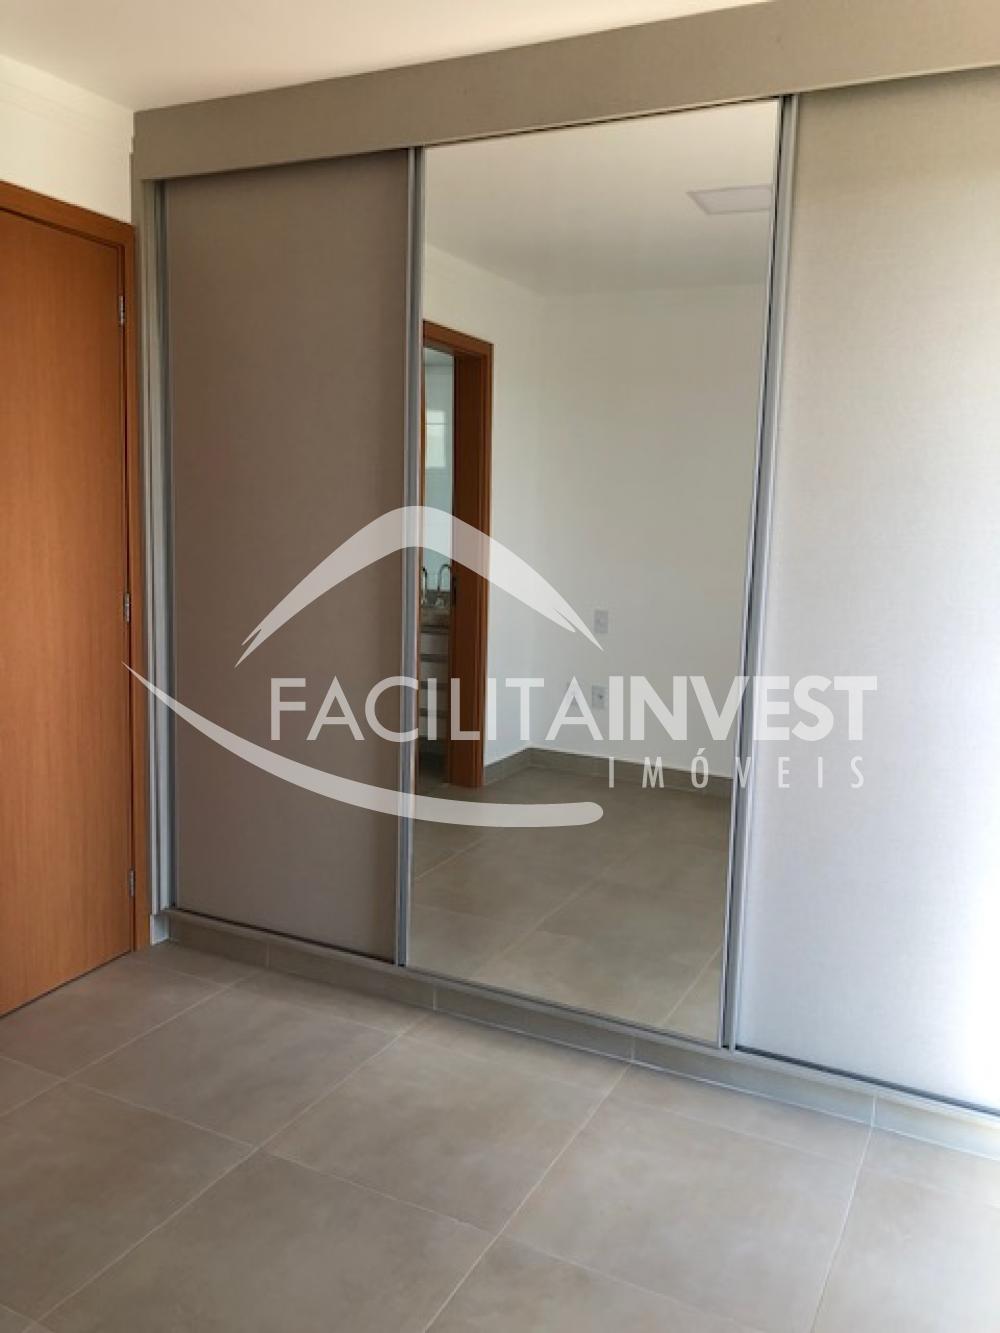 Alugar Lançamentos/ Empreendimentos em Construç / Apartamento padrão - Lançamento em Ribeirão Preto apenas R$ 1.200,00 - Foto 15